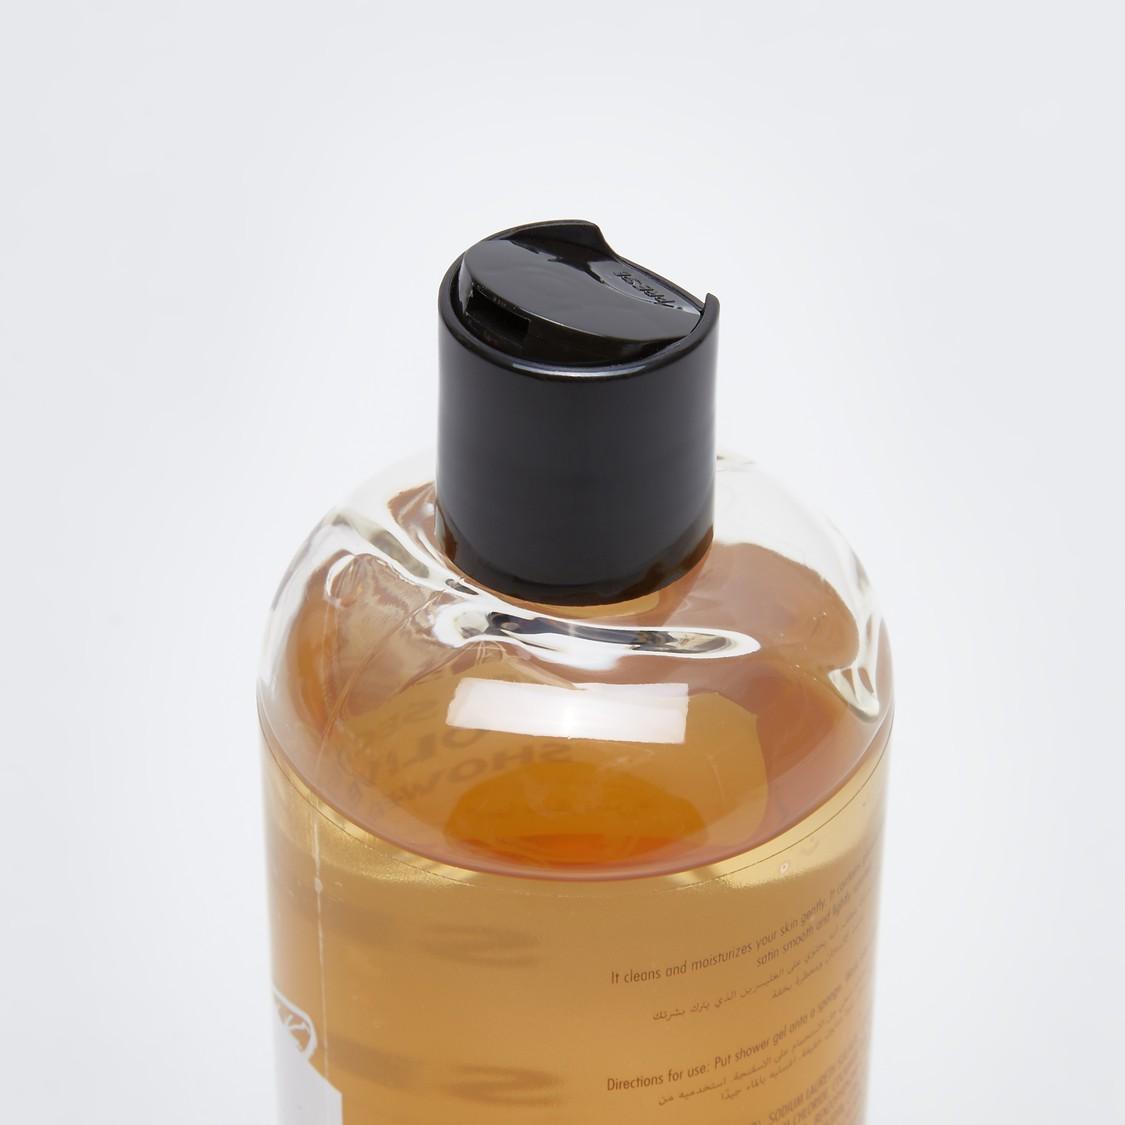 جل استحمام بخلاصة الزيتون من سبا سيكريتس - 400 مل